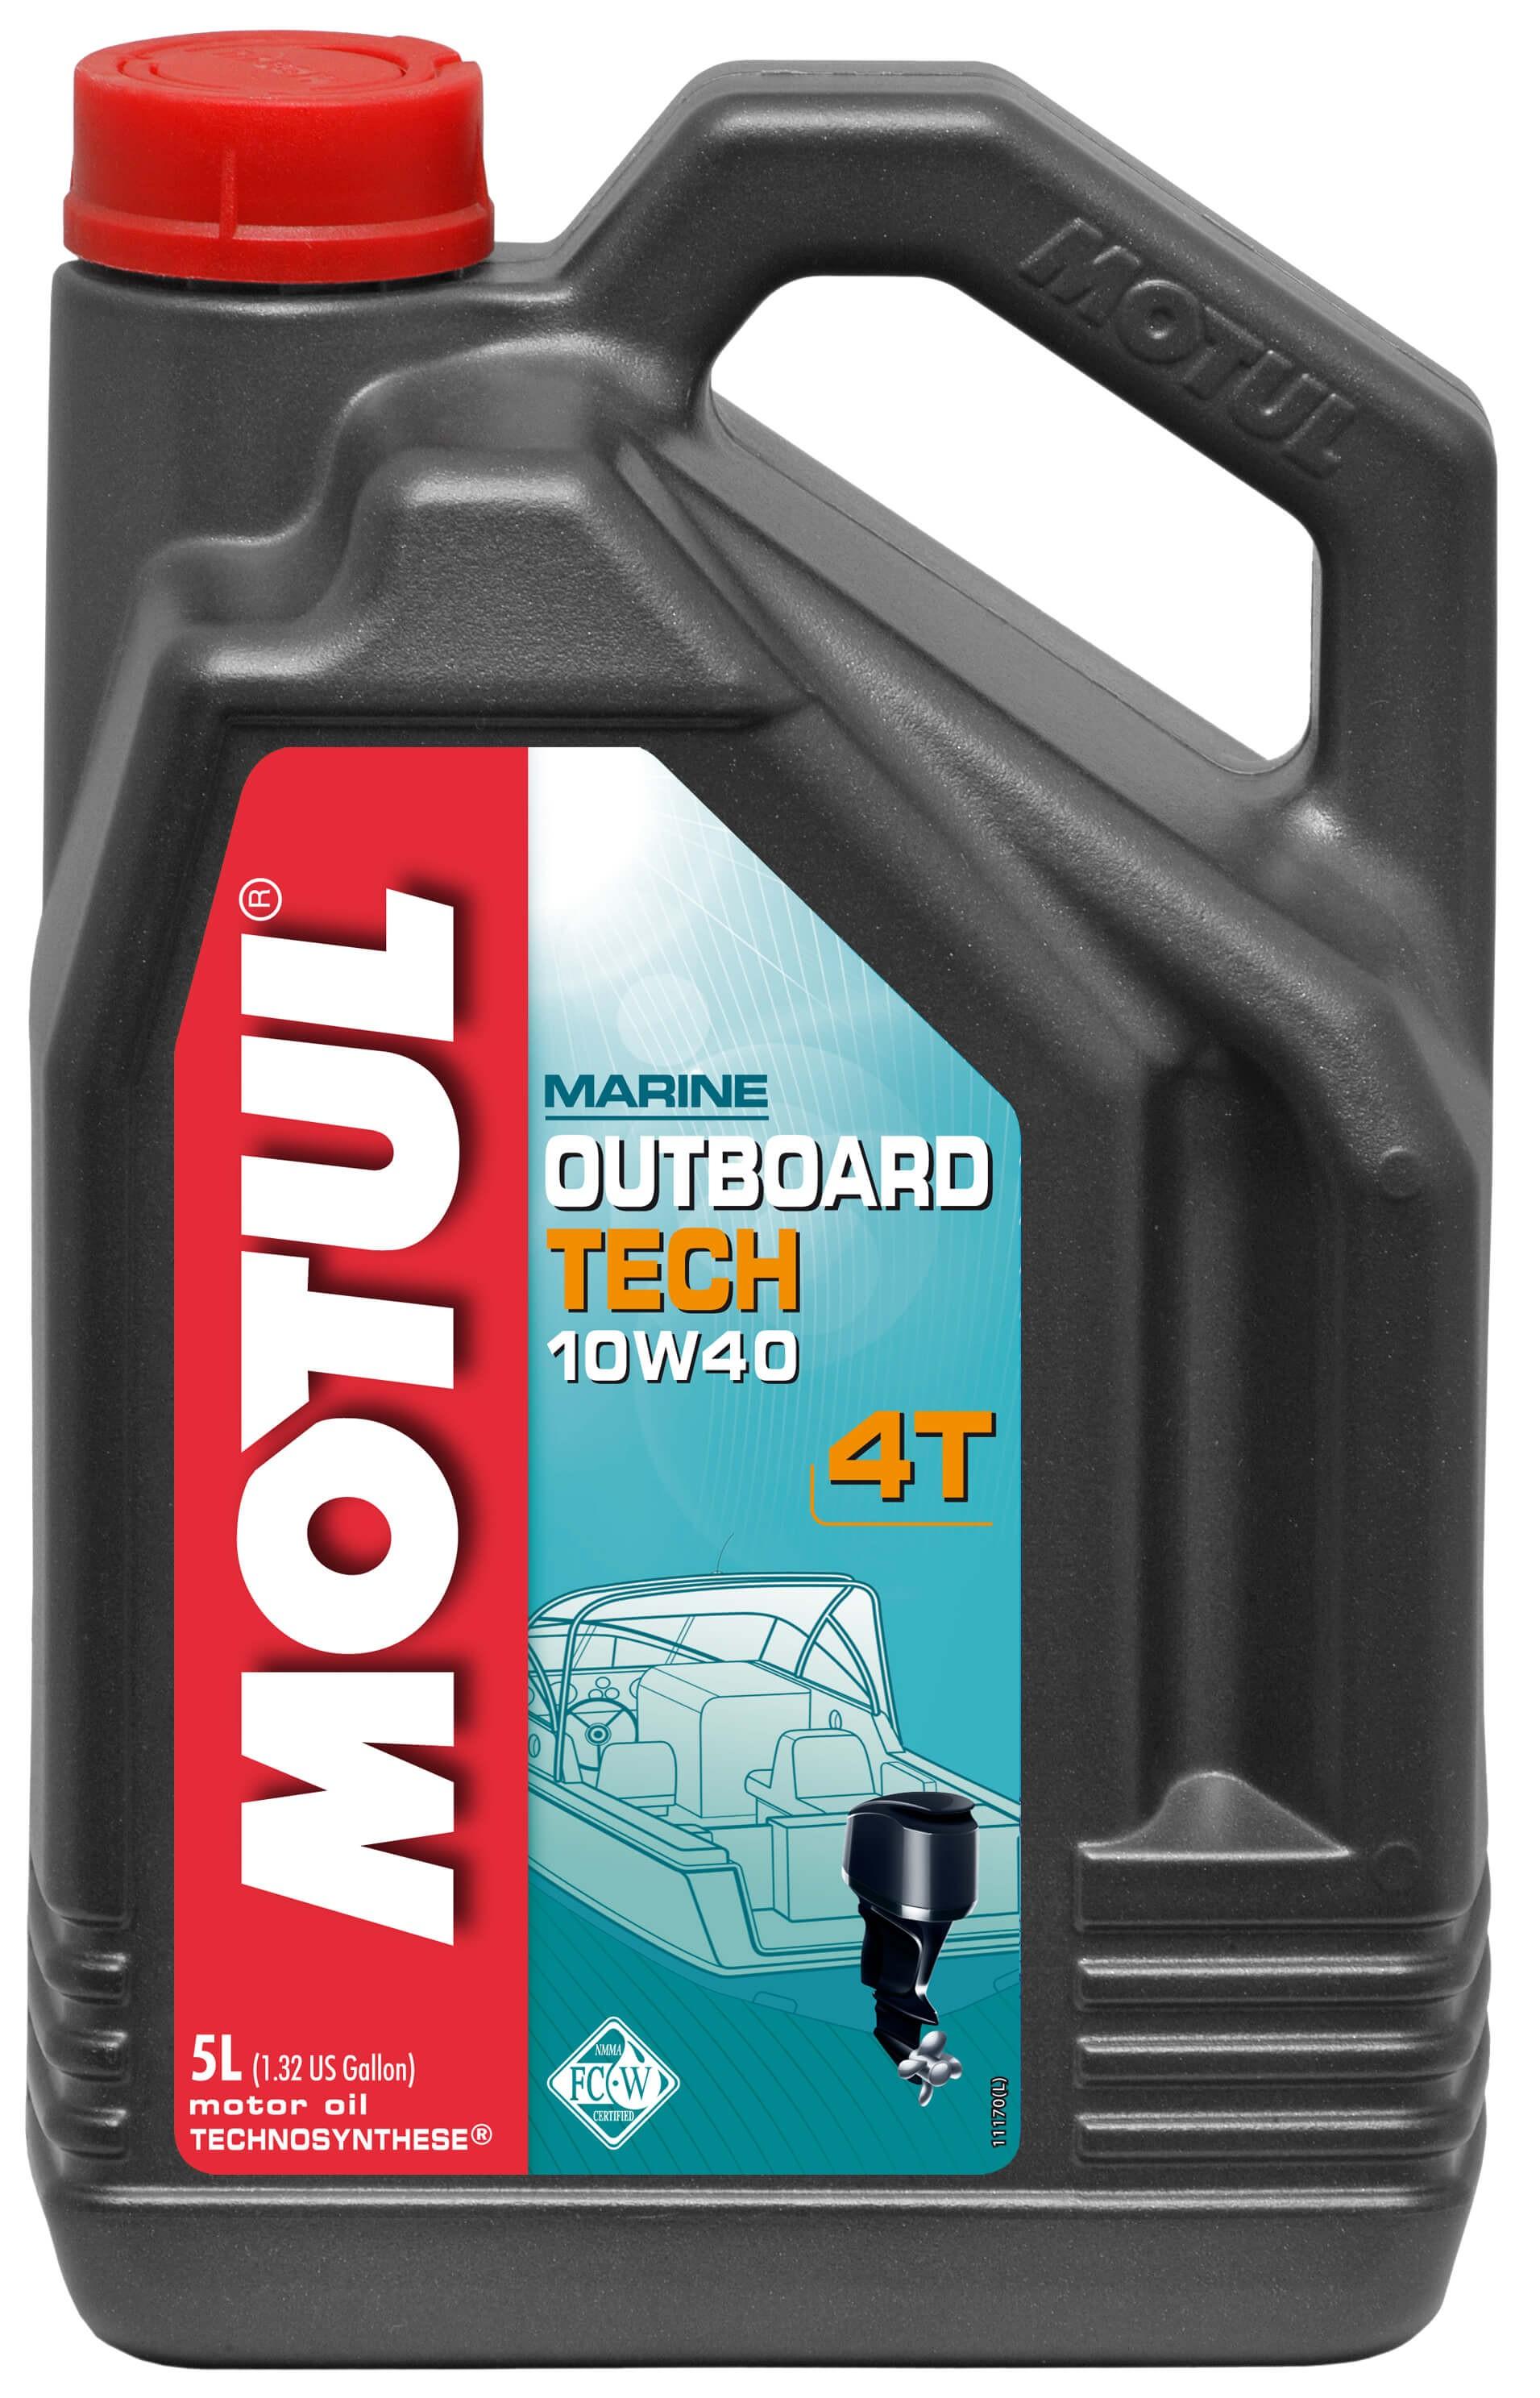 Outboard Tech 4T 10W40